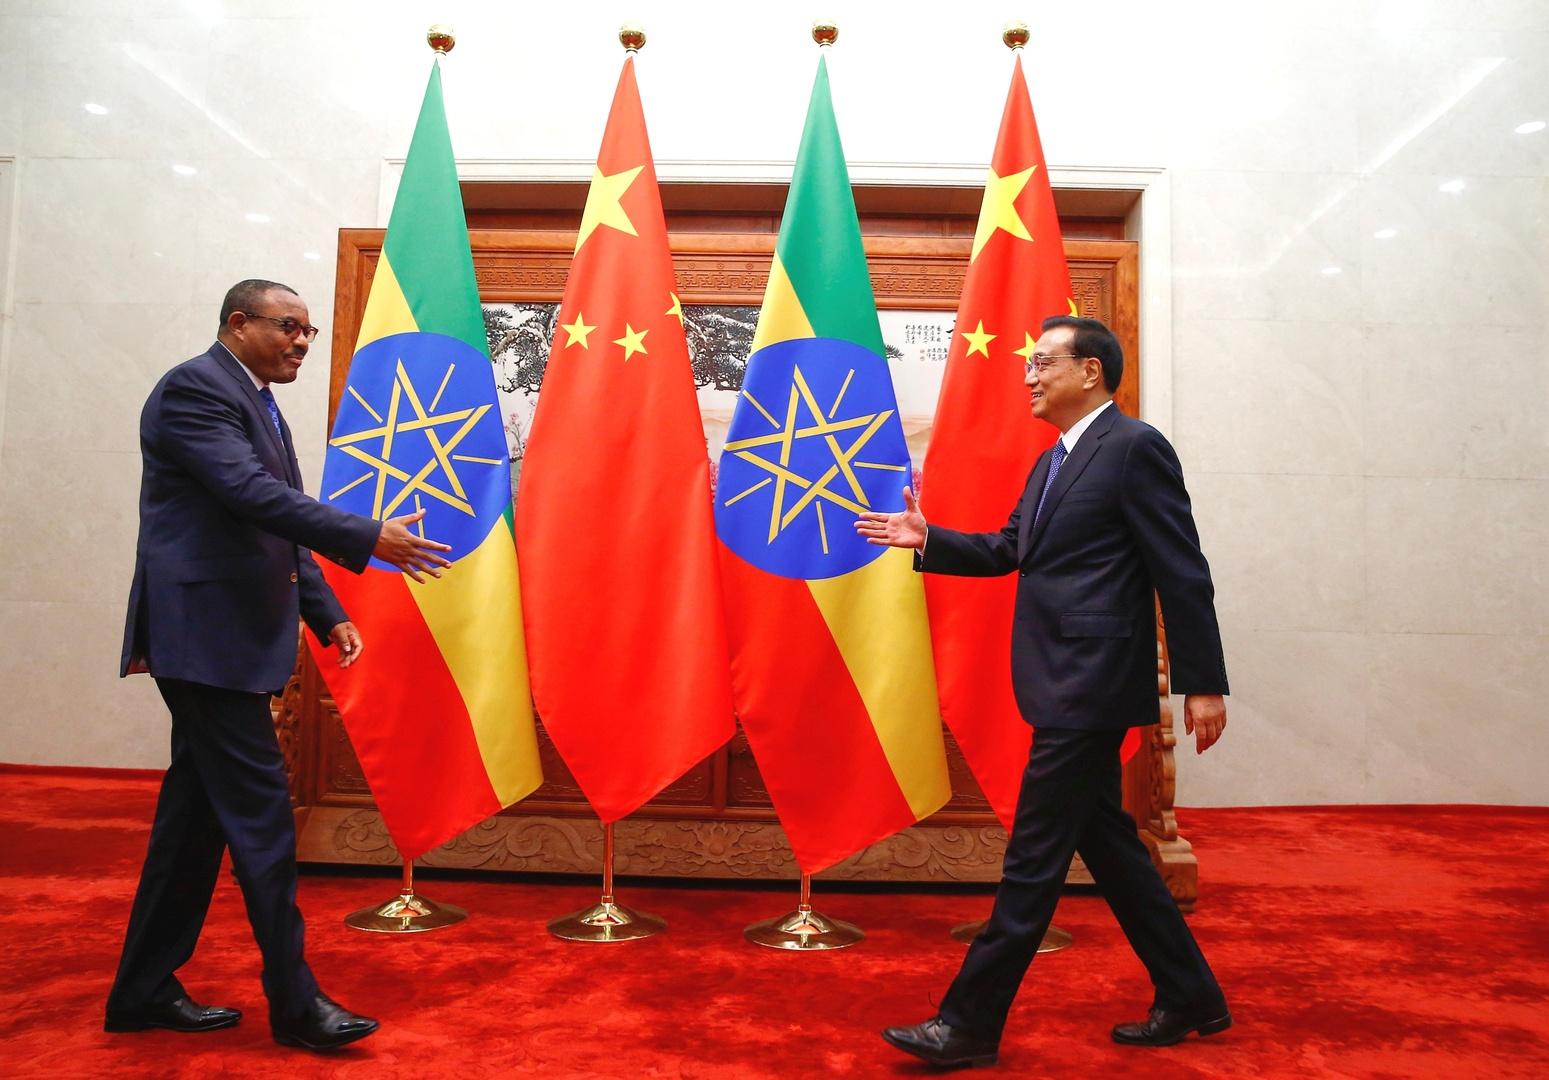 رئيسا الوزراء السابقان لإثيوبيا والصين في 2017.